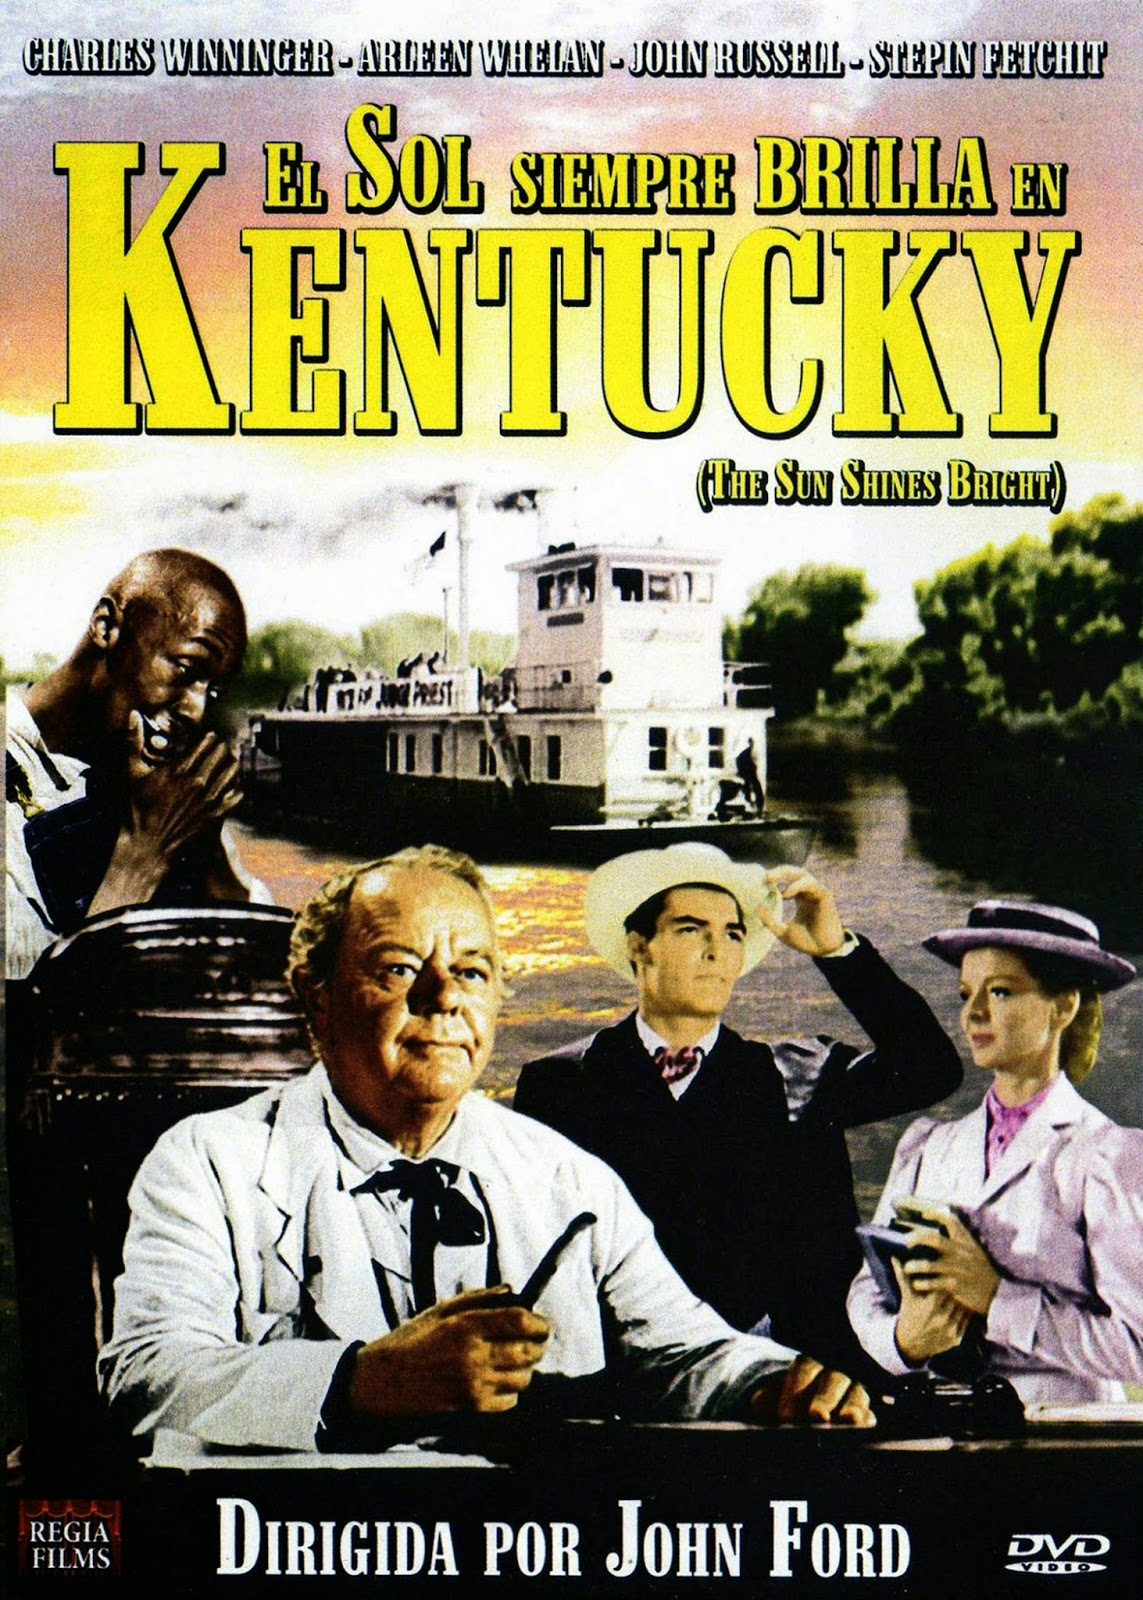 El sol siempre brilla en Kentucky (1953)